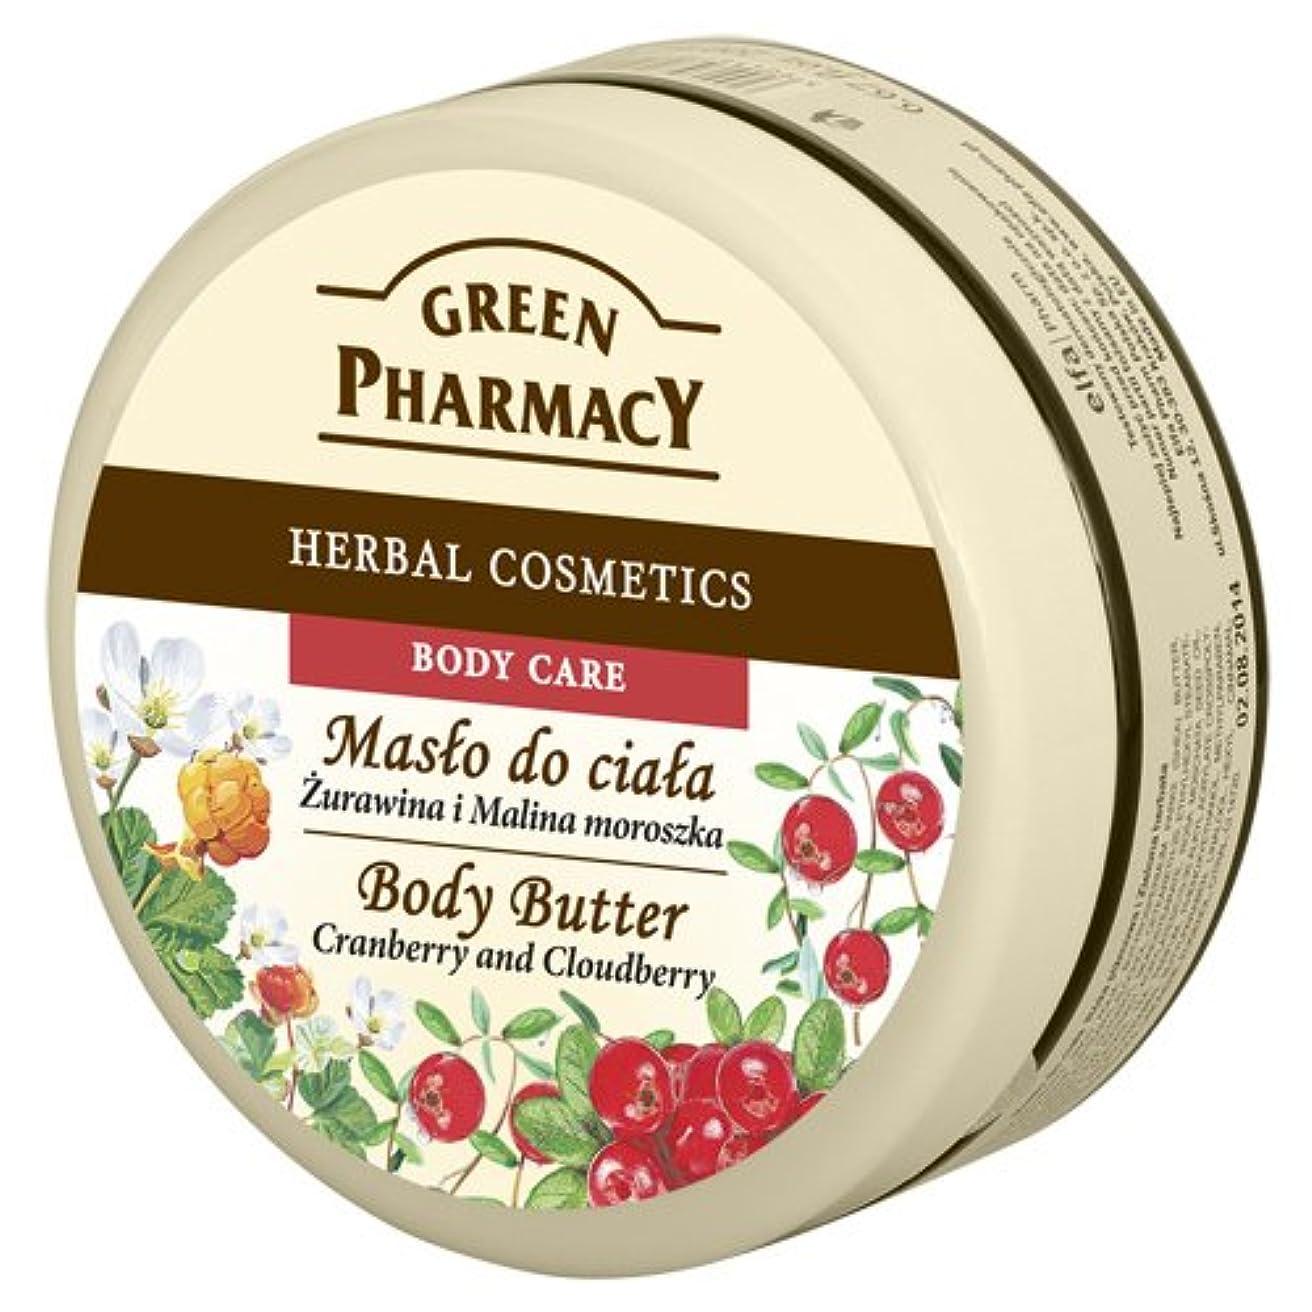 ブルーベルベリーに負けるElfa Pharm Green Pharmacy グリーンファーマシー Body Butter ボディバター Cranberry and Cloudberry